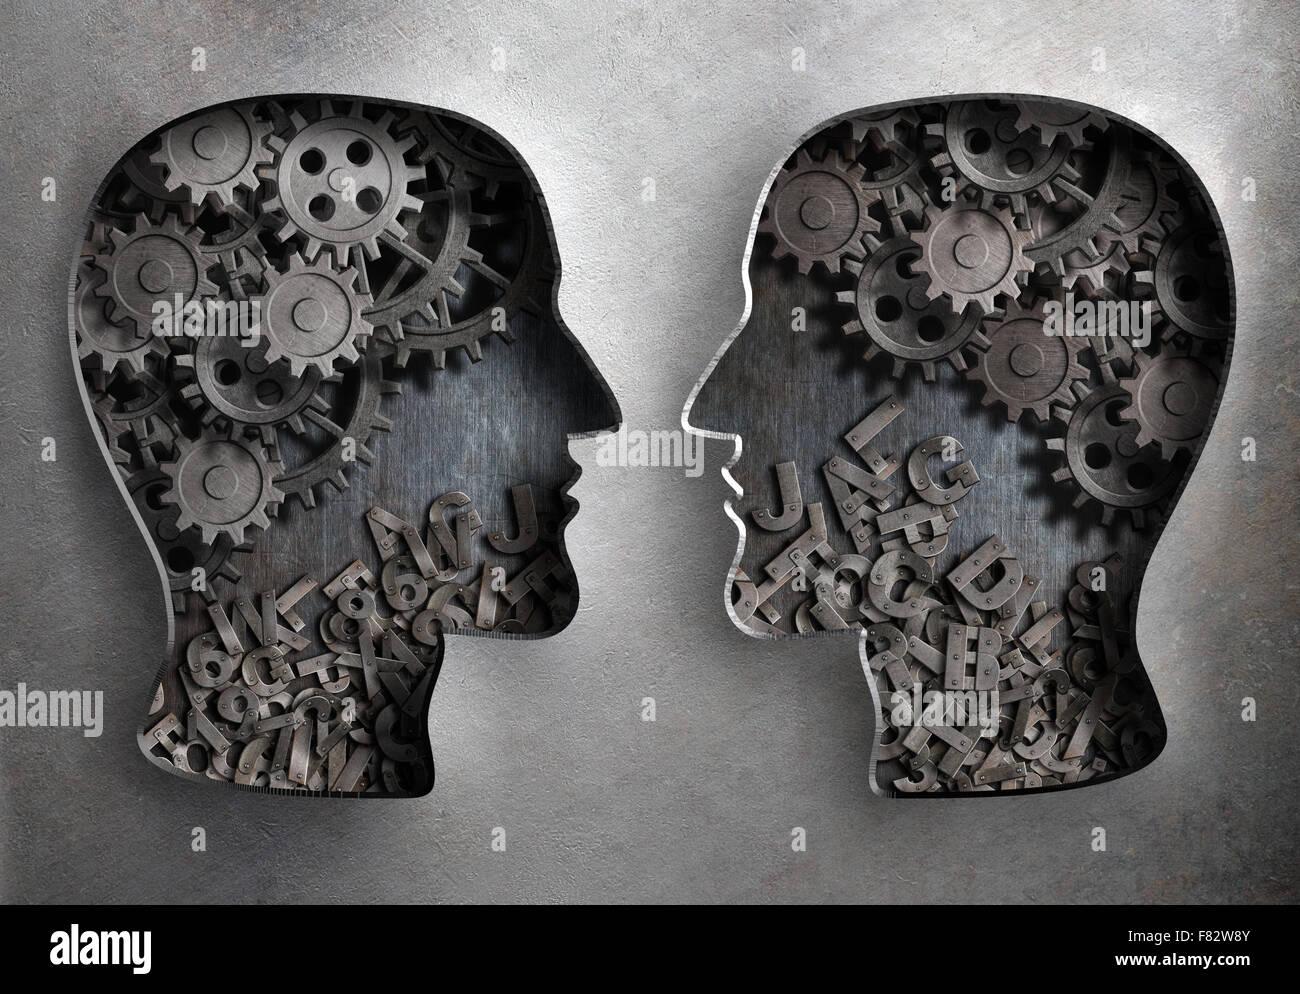 Dialogue ou communication, d'information et d'échange de connaissances Photo Stock